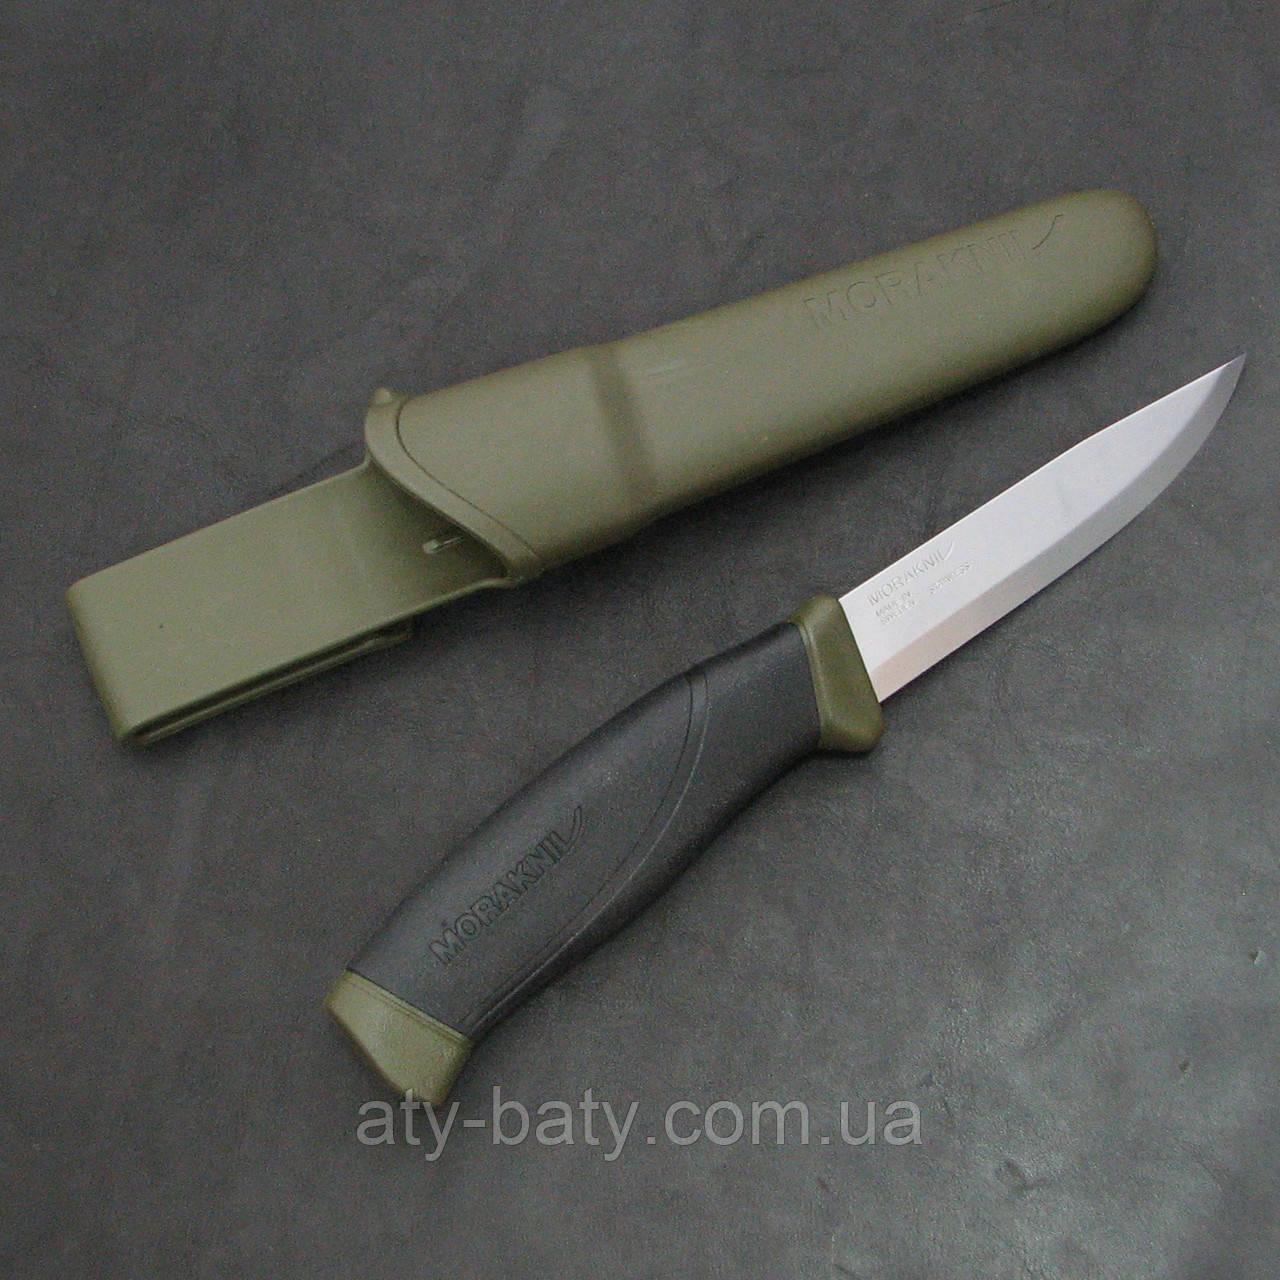 Нож Mora Companion MG Stainless (11827)